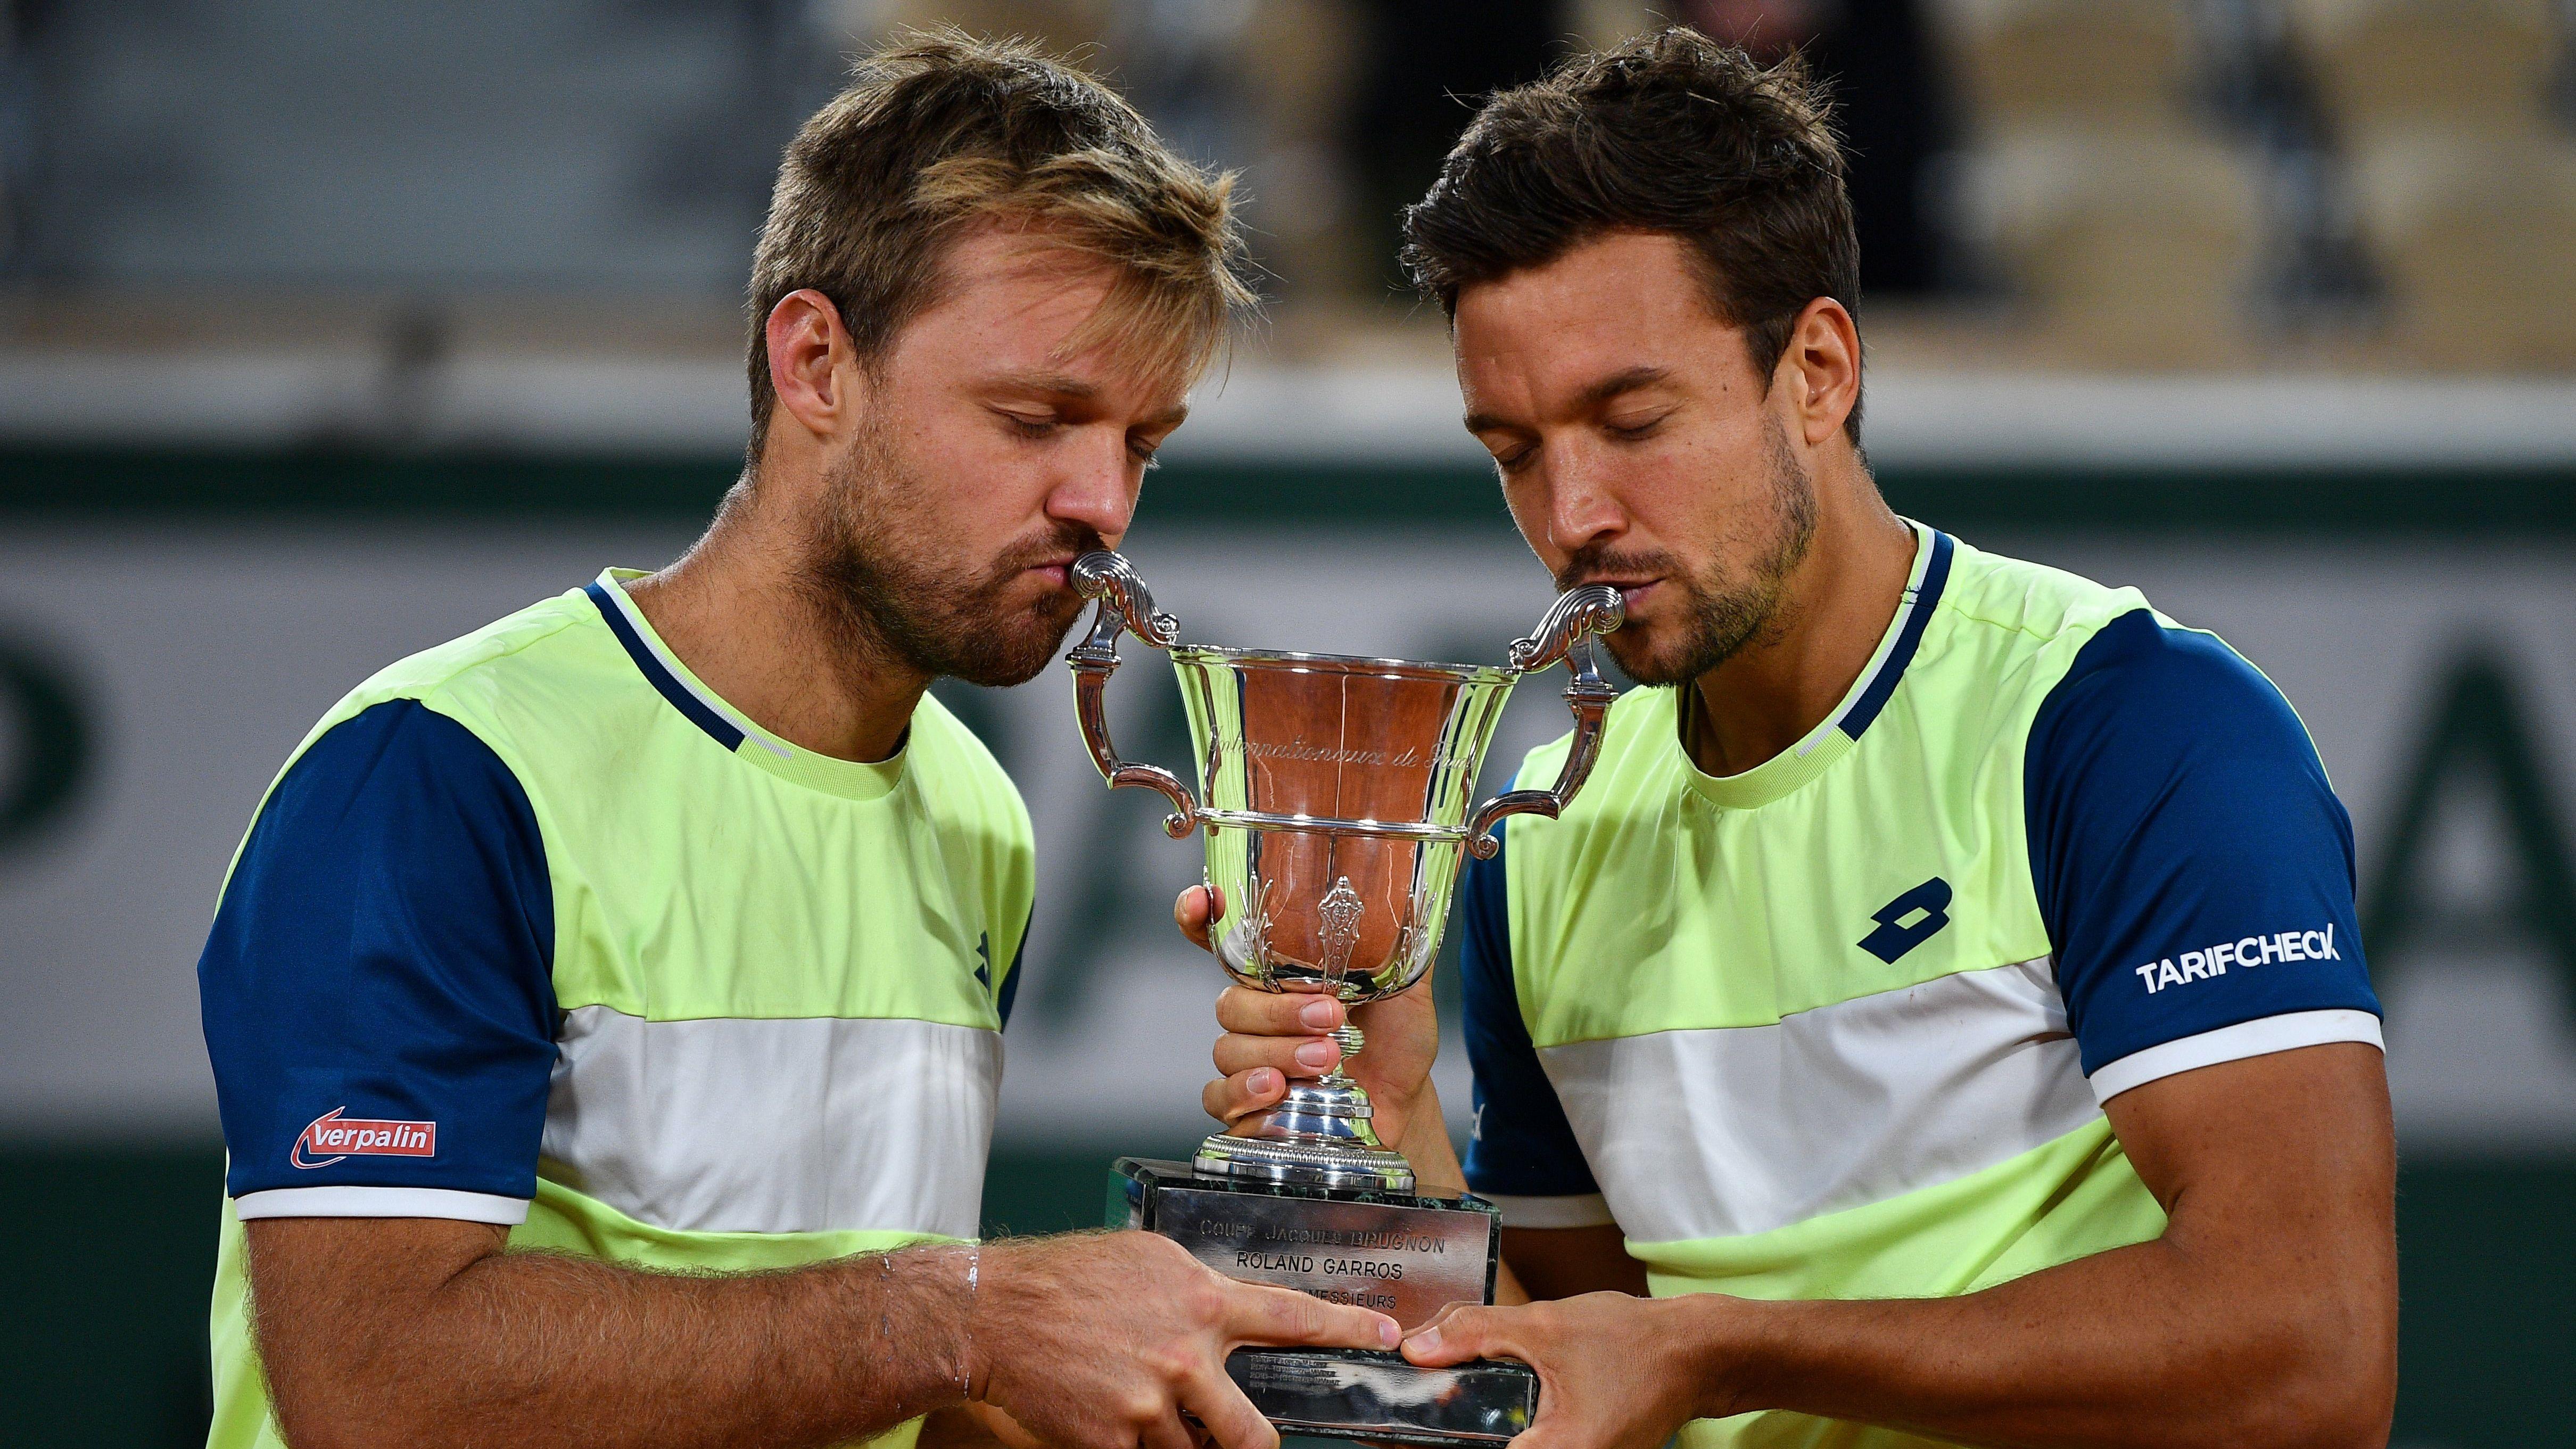 Kevin Krawietz y Andreas Mies campeones del dobles masculino de Roland Garros